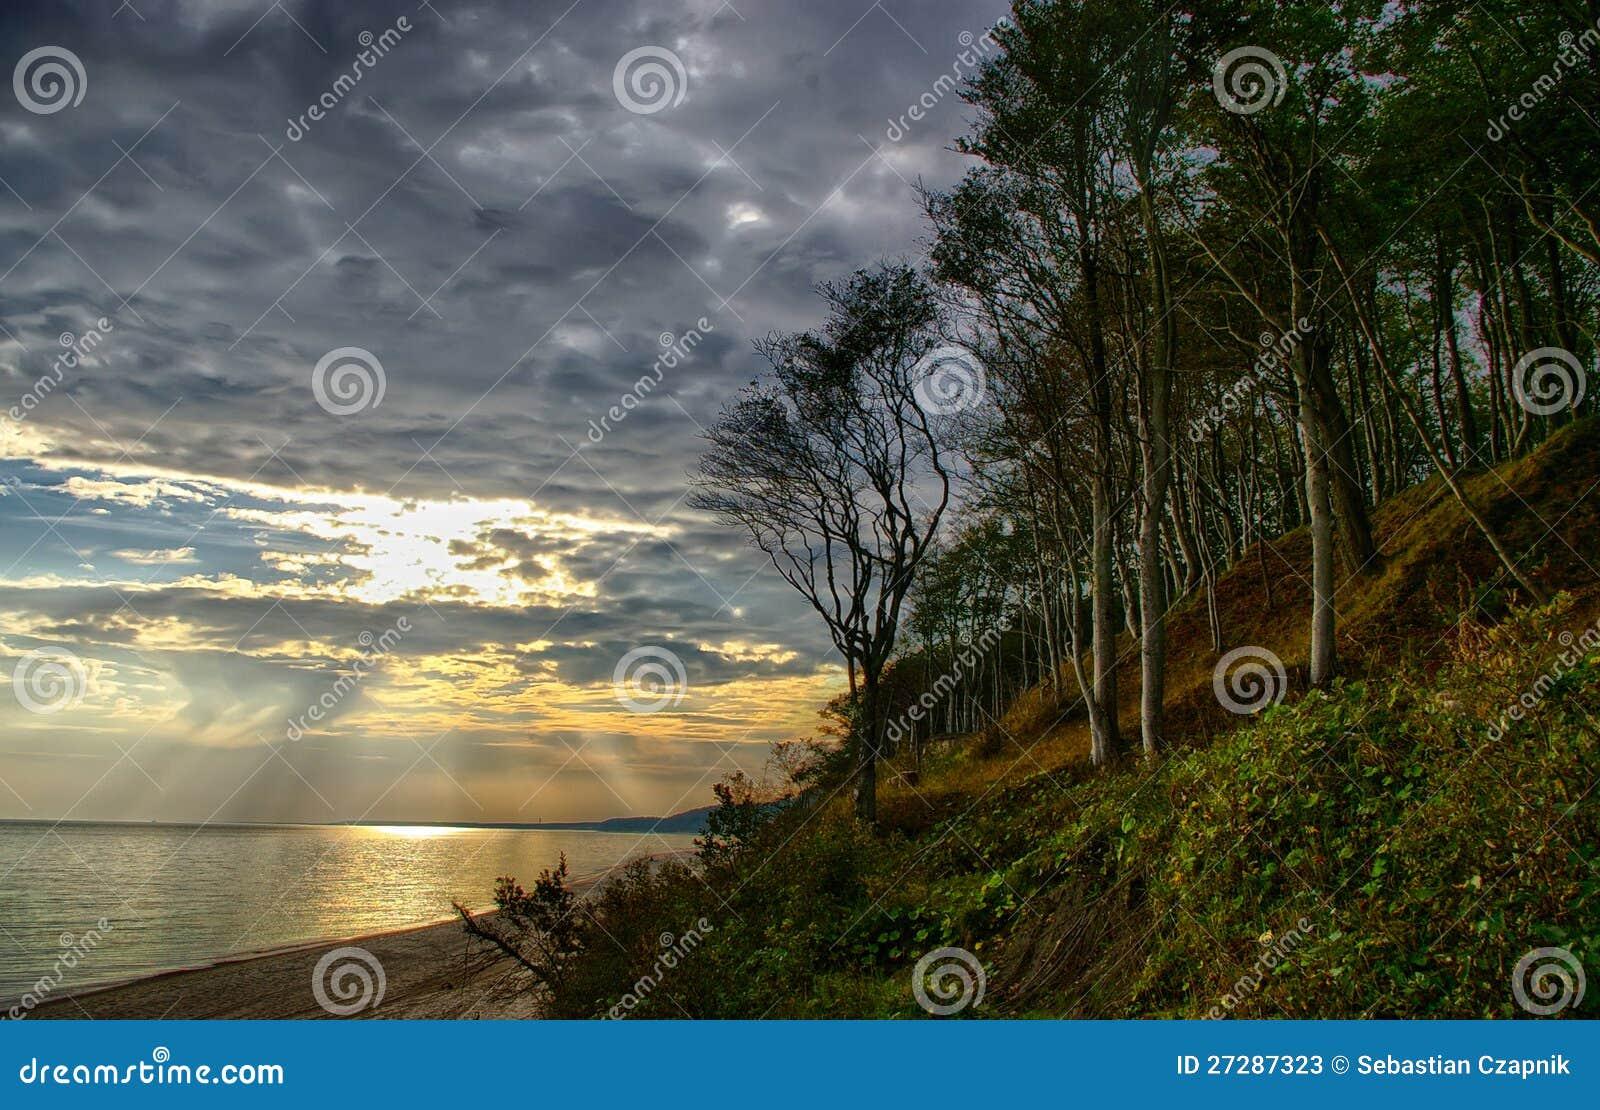 Skog och kust